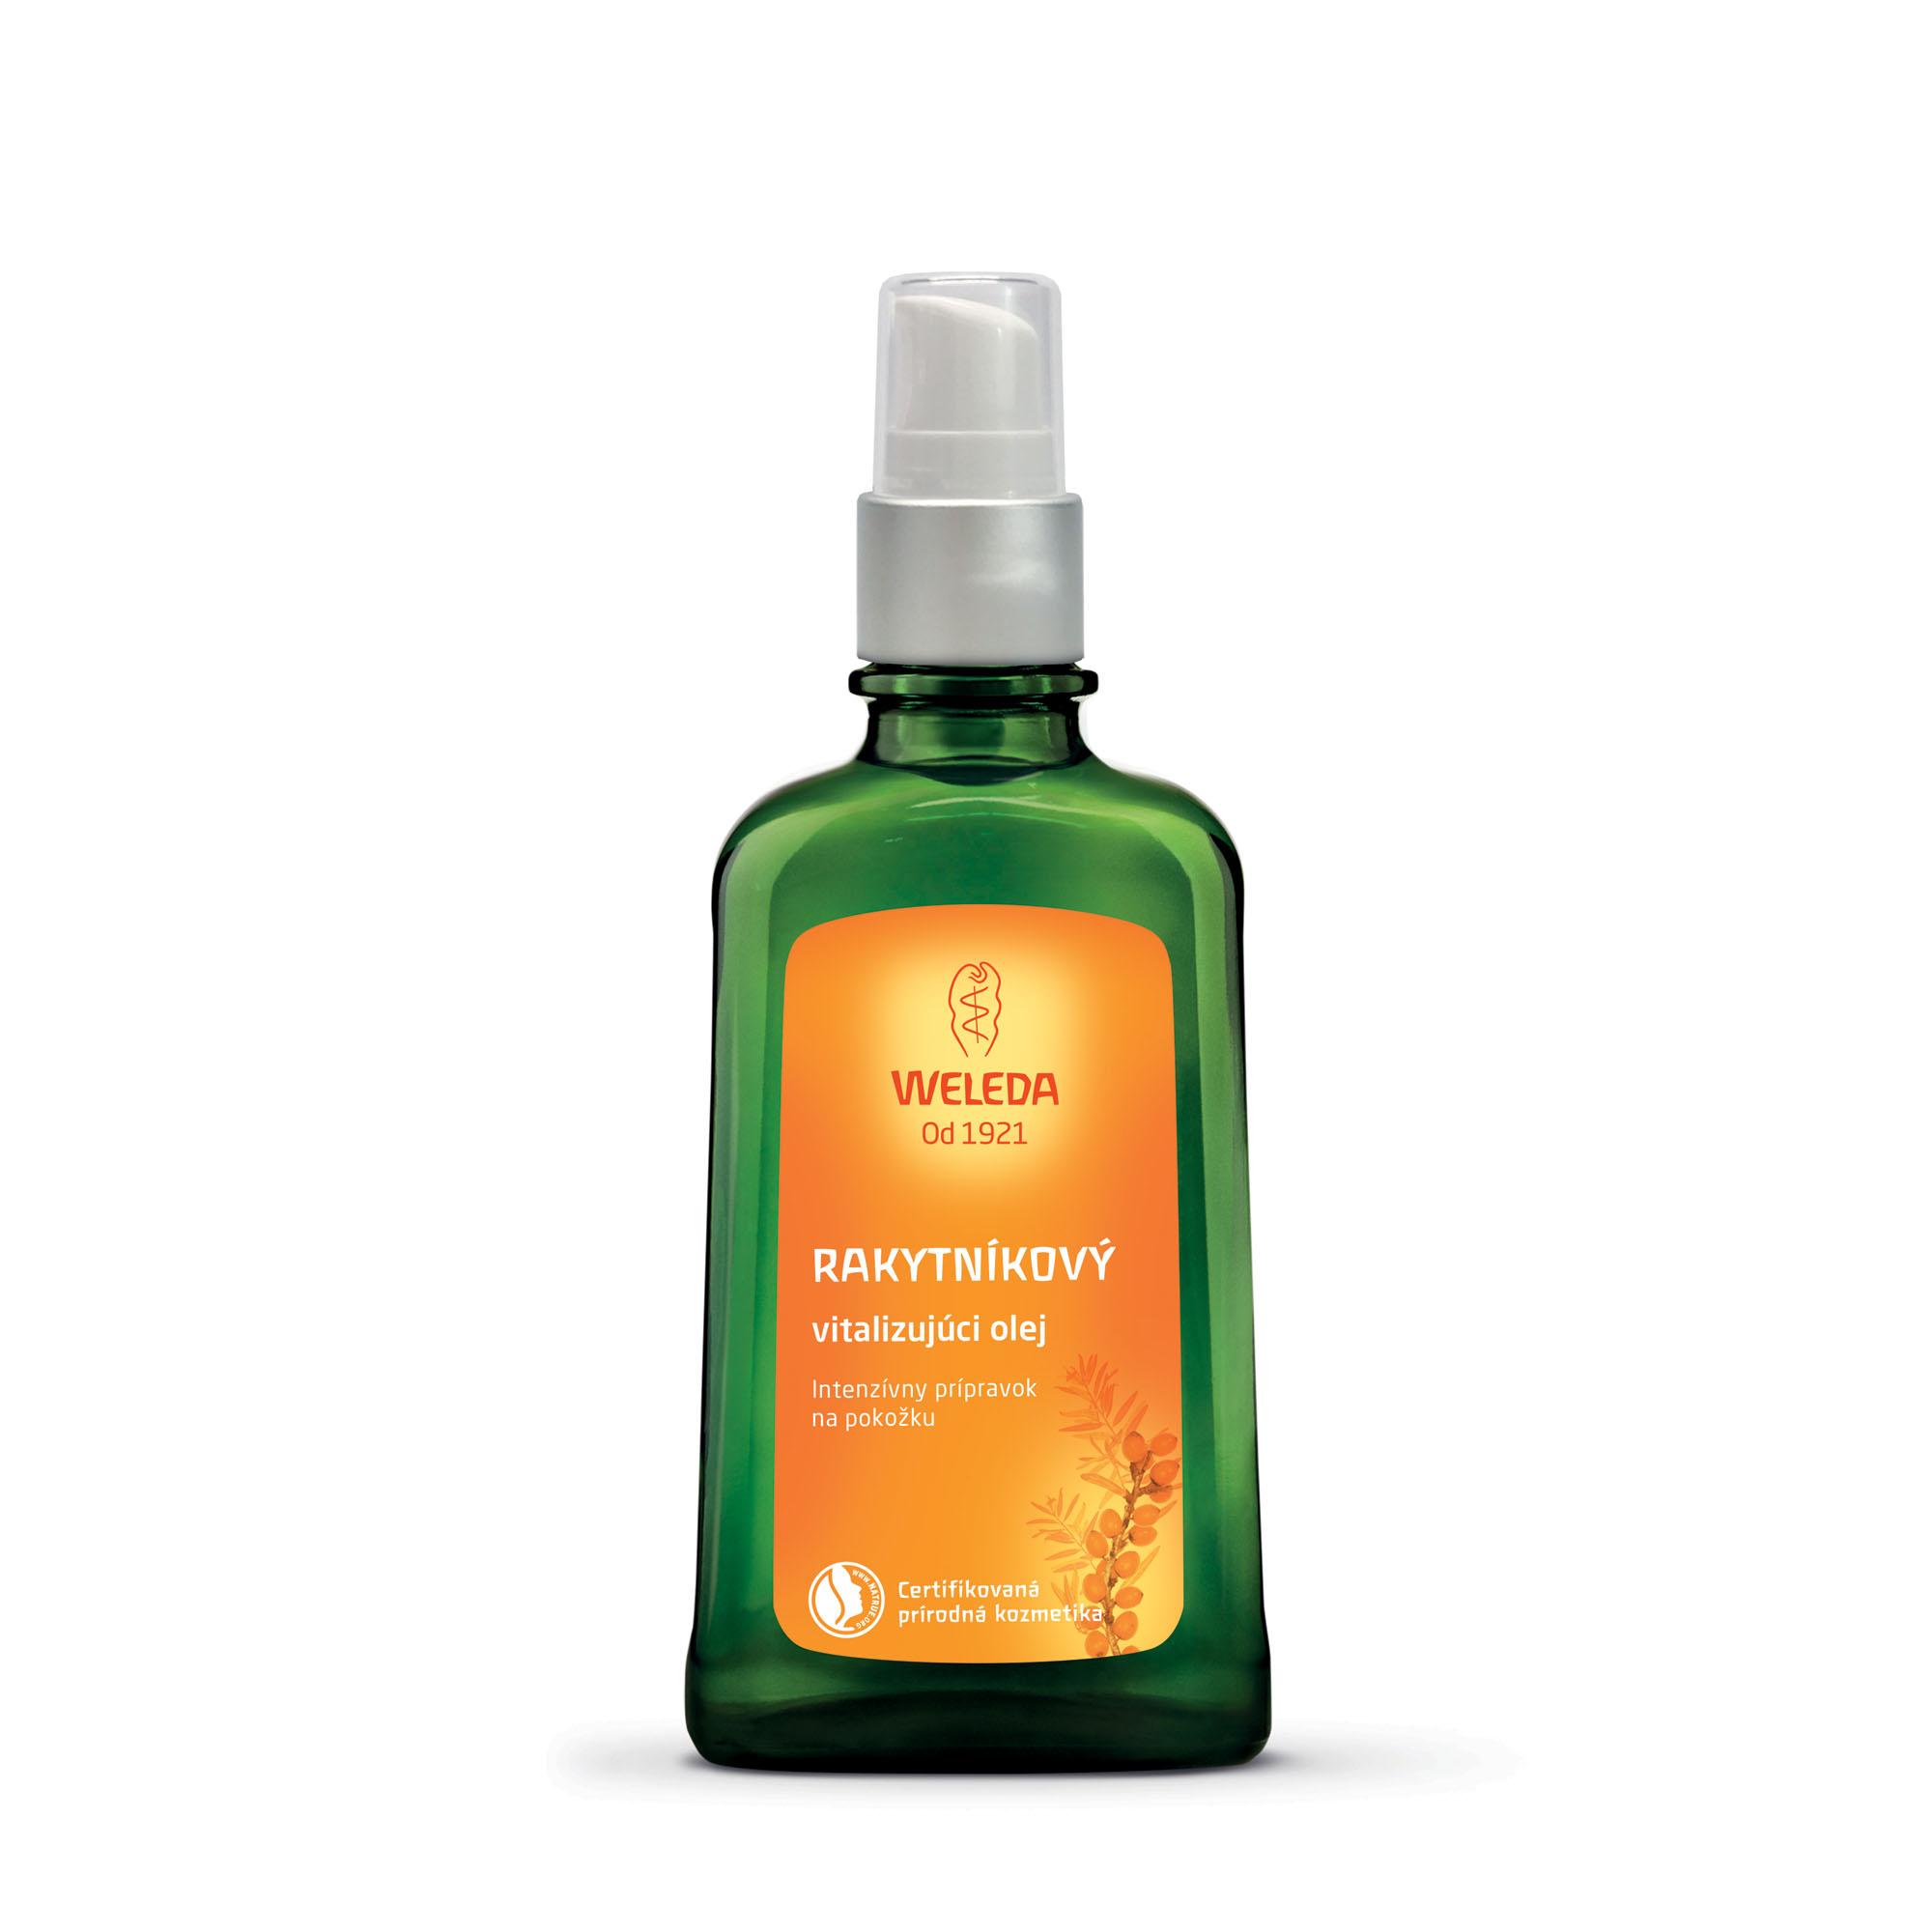 Rakytníkový vitalizujúci olej